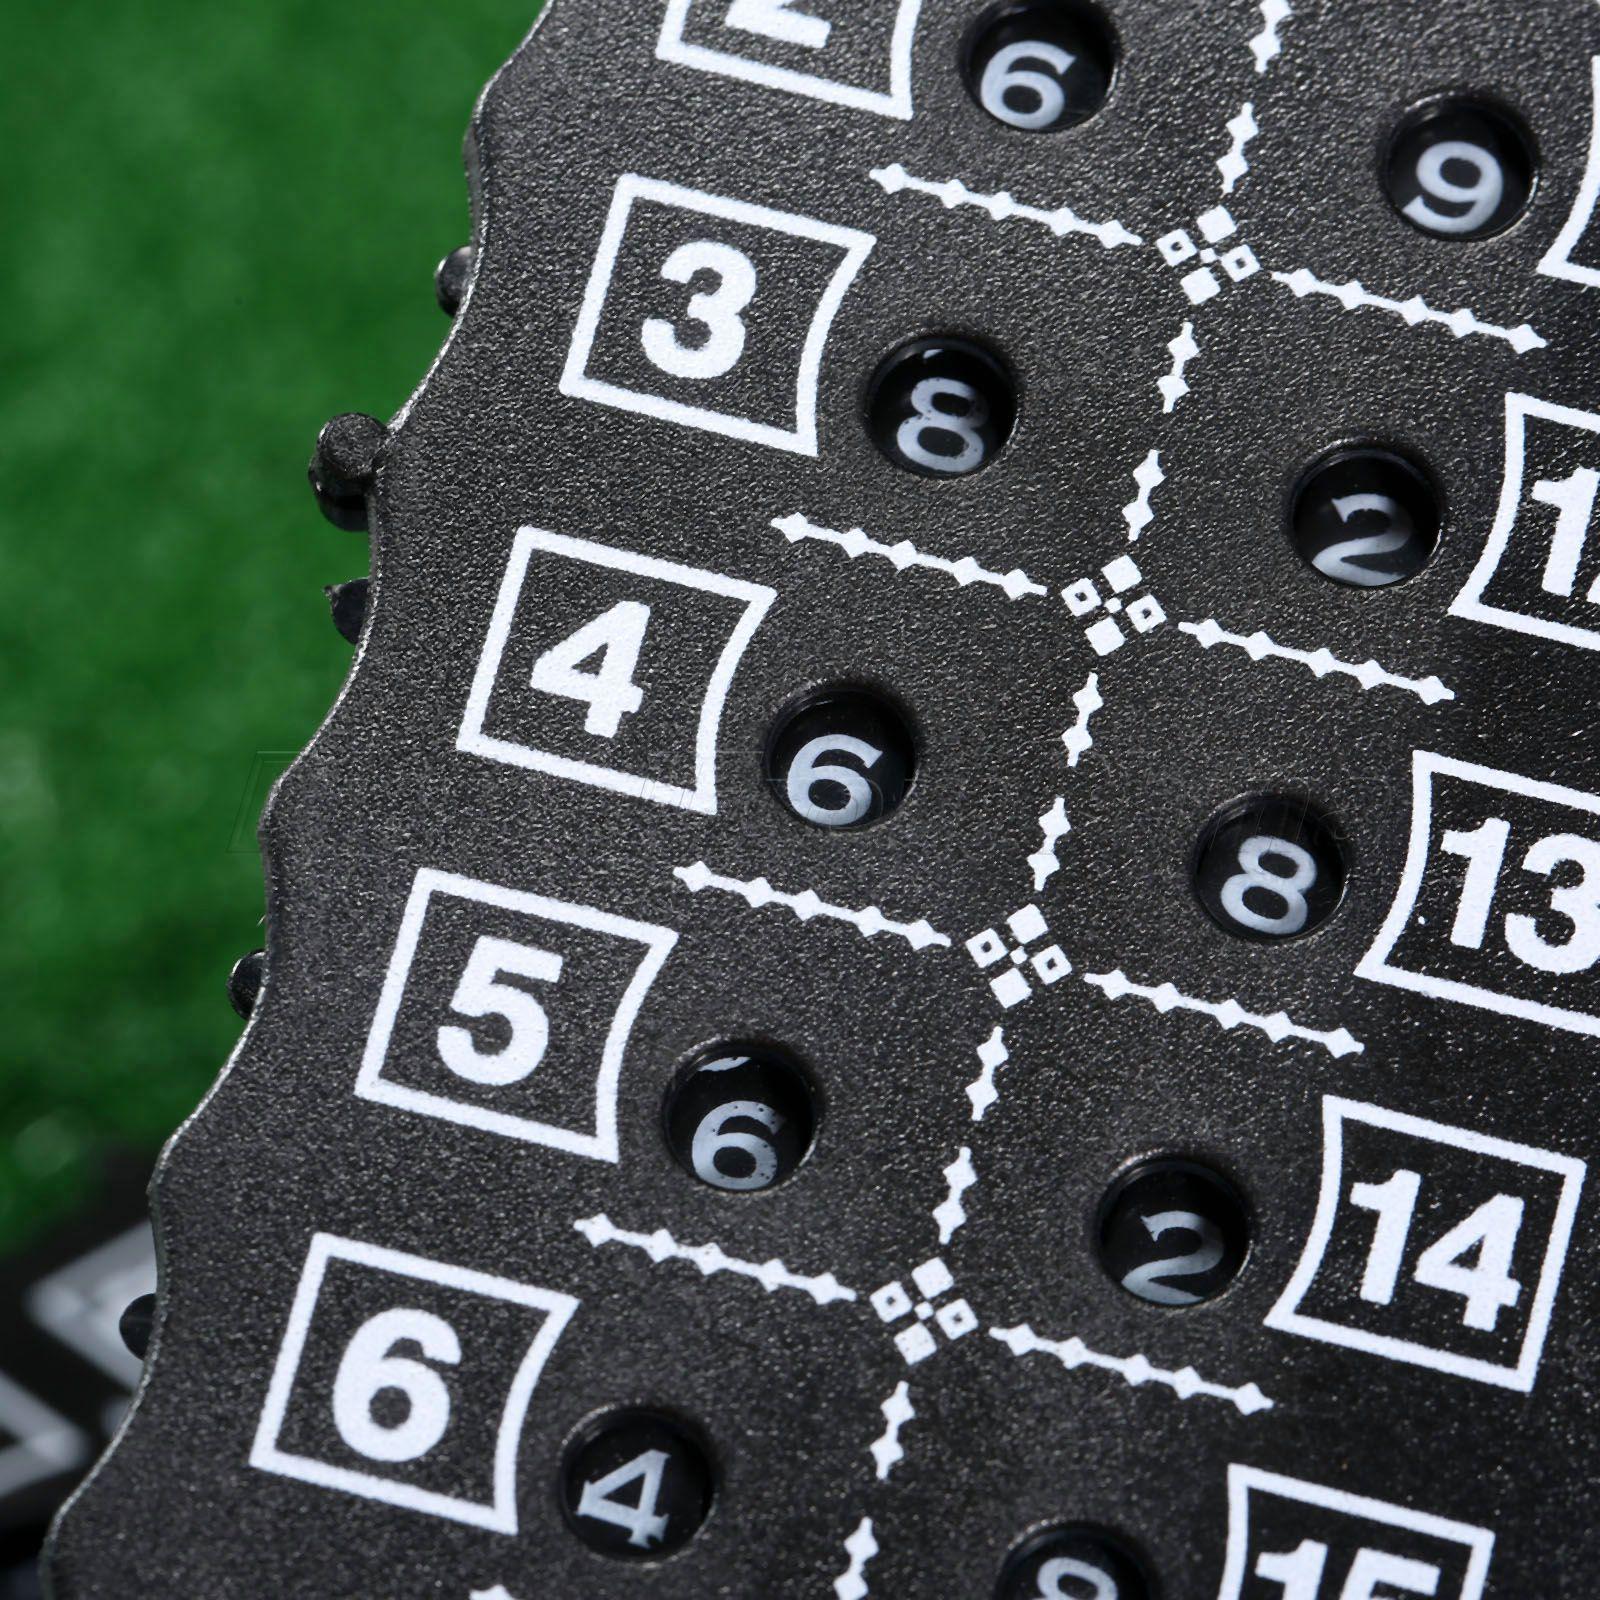 Nueva Negro Plástico de Golf 18 Hoyos Stroke Putt Shot Puntuación Contador Scori